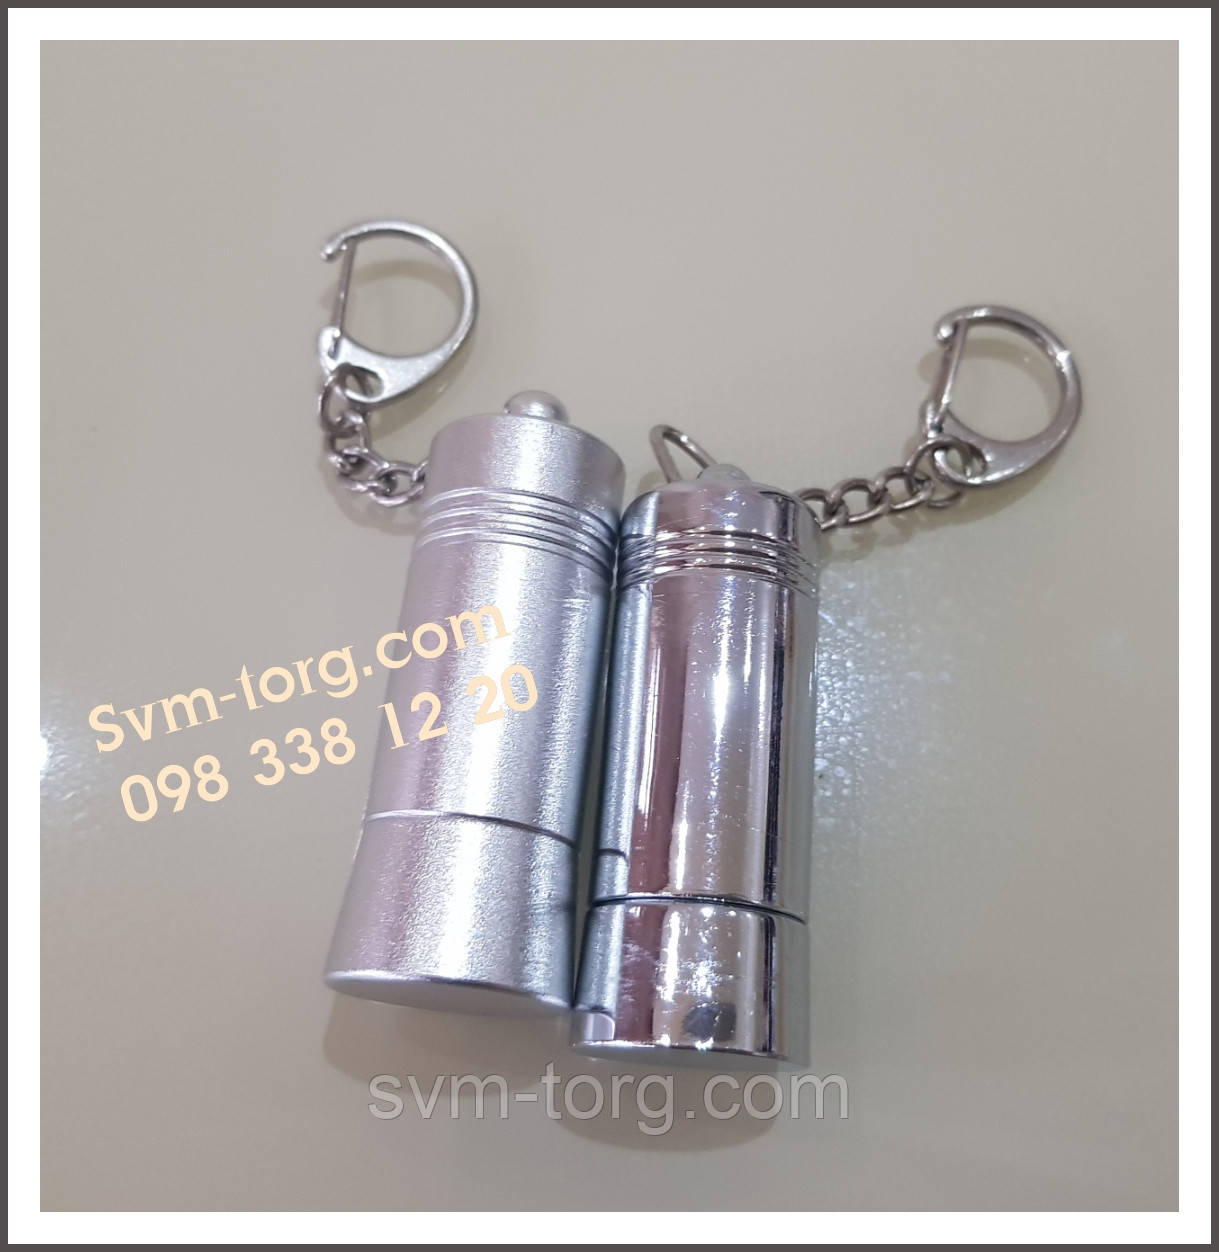 Ключ для стоп локов